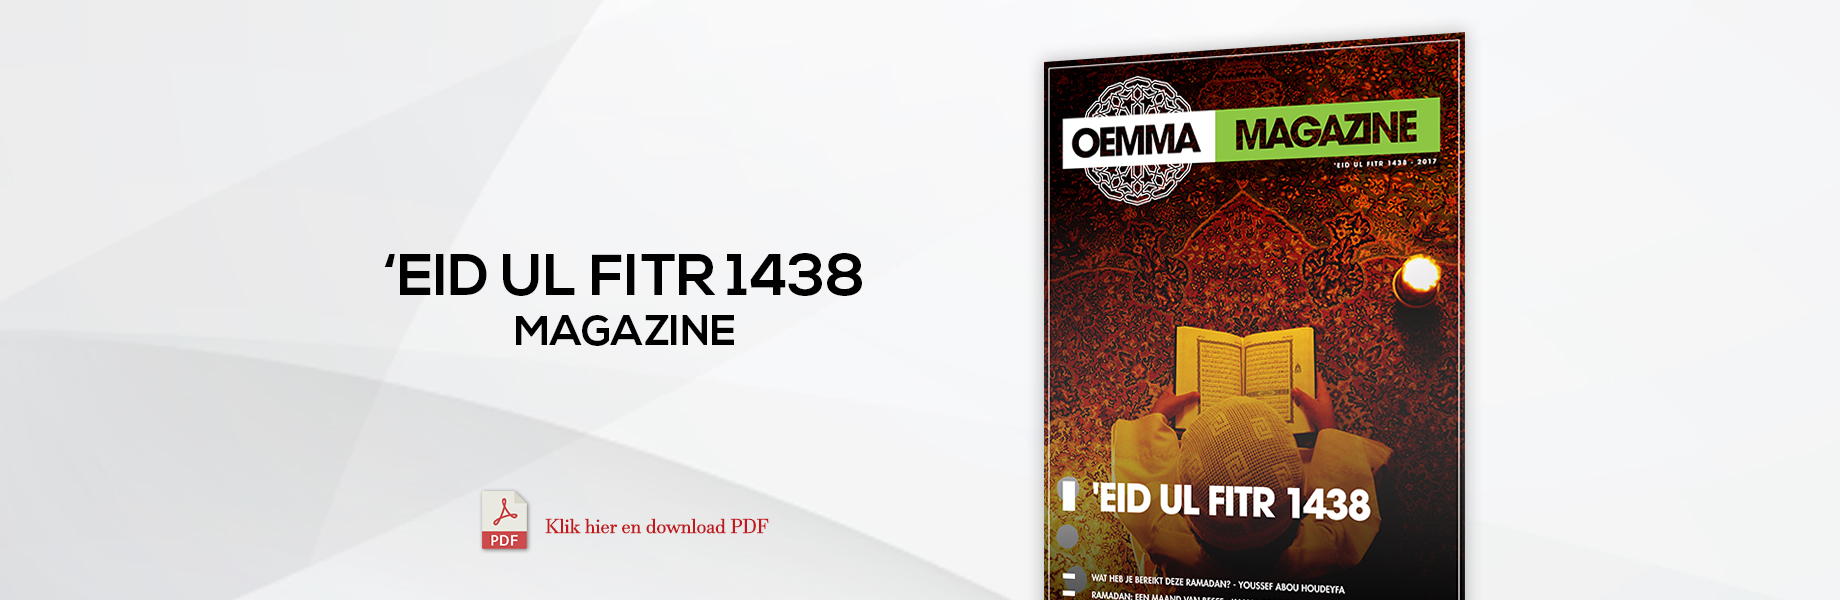 'Eid ul Fitr 1438 Magazine